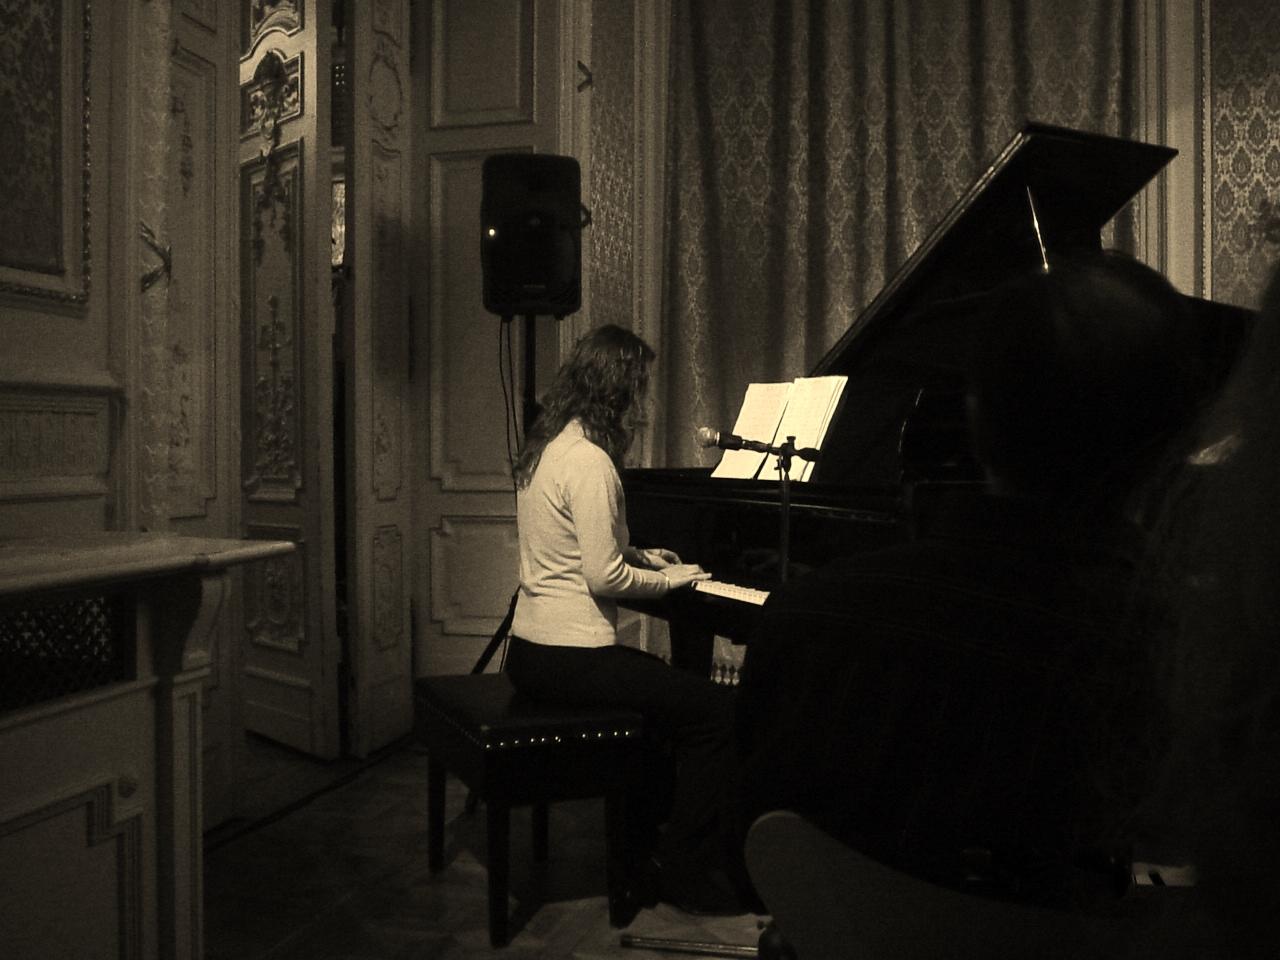 Piano in the dark photo